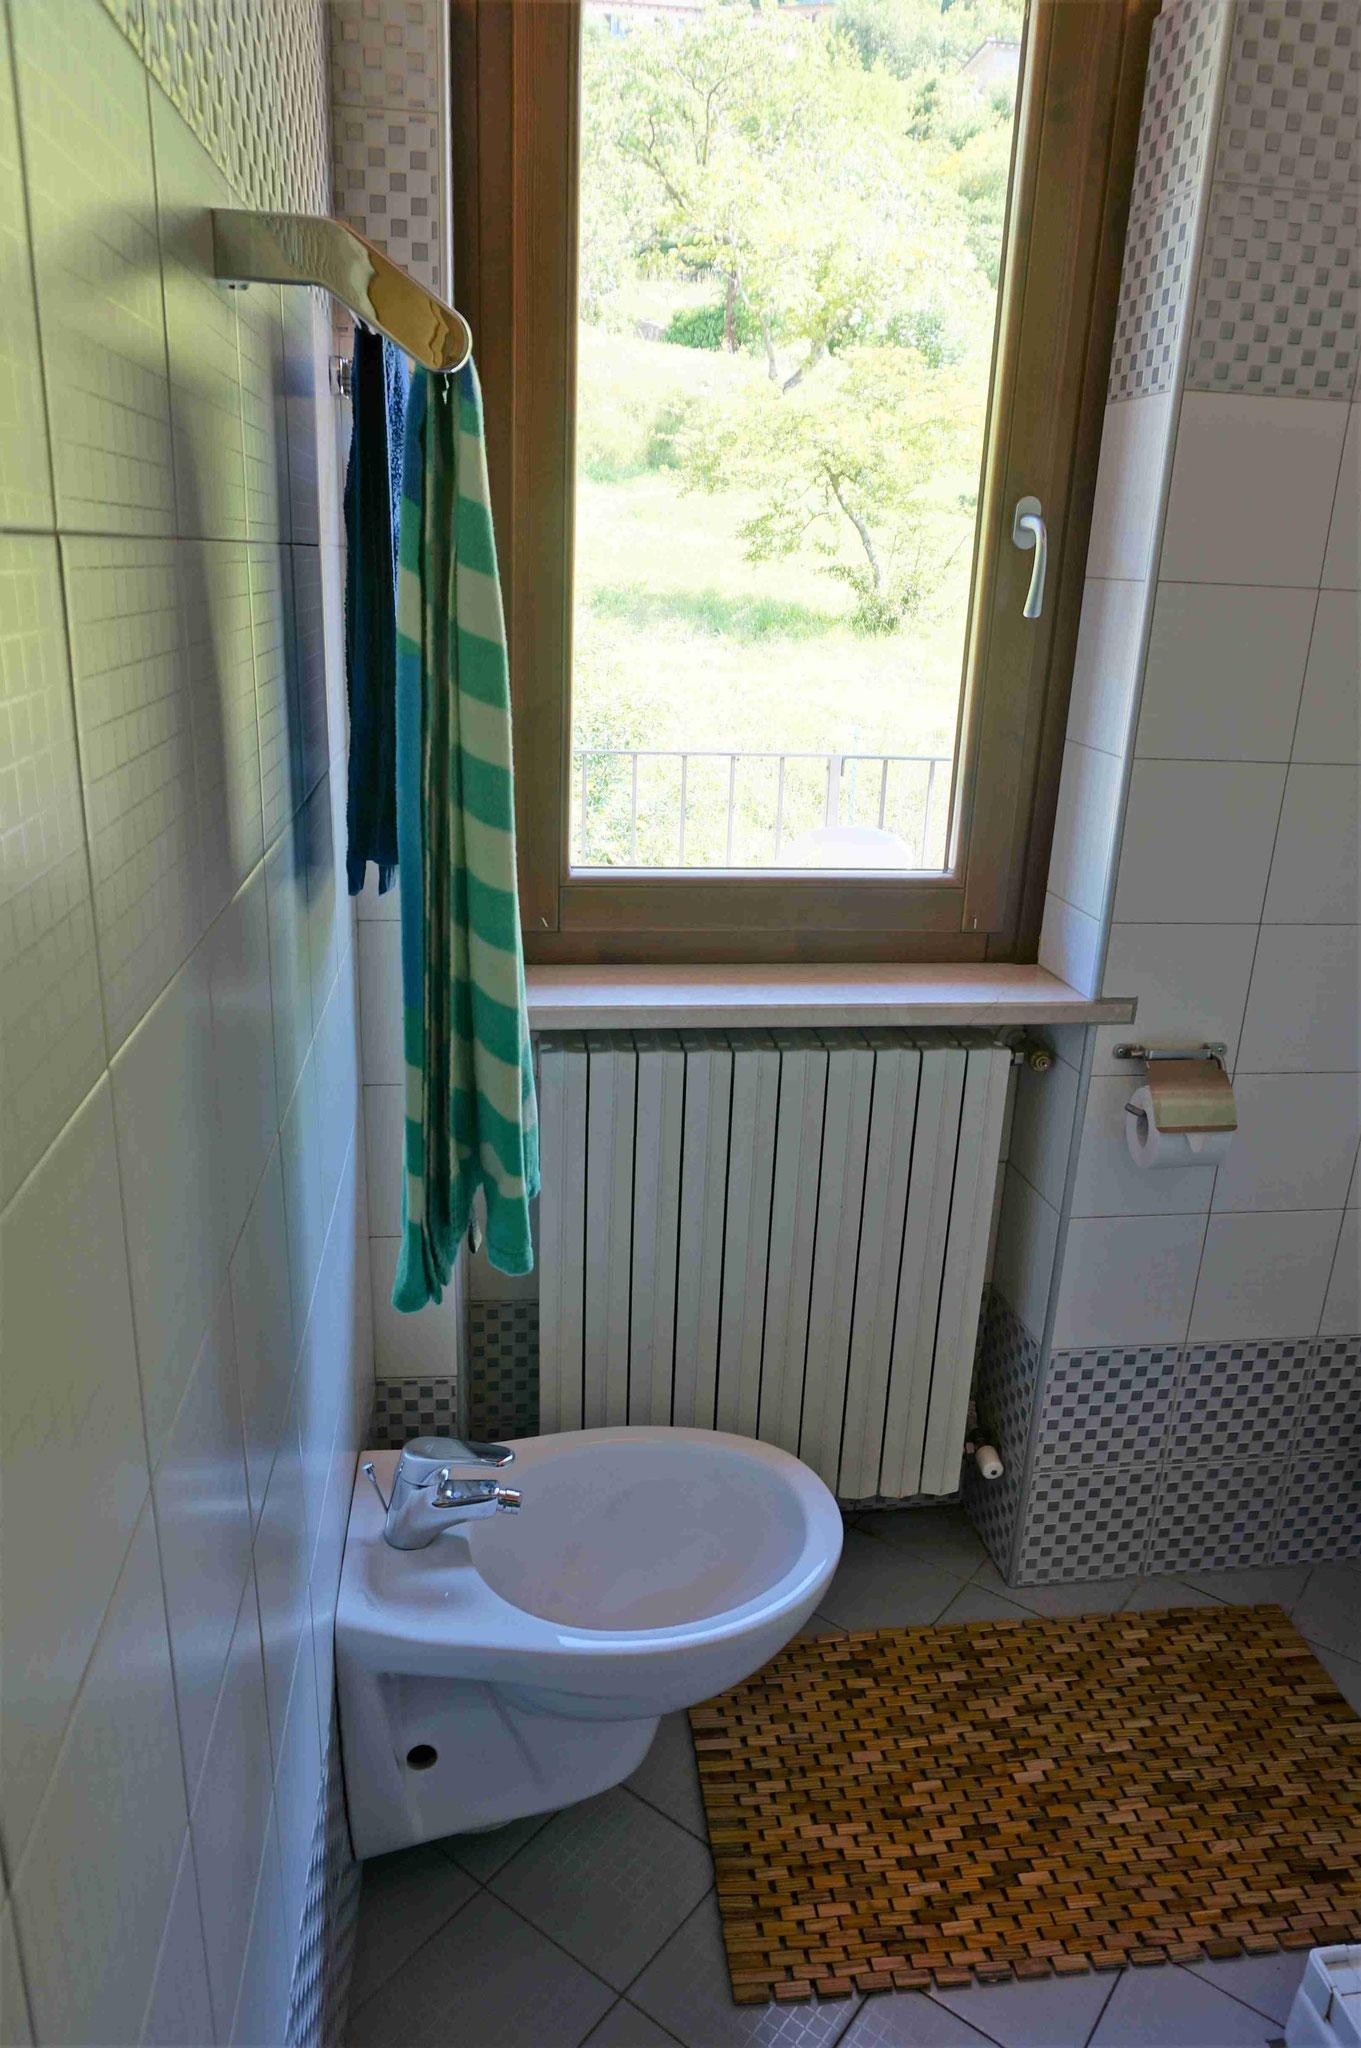 Appartement20 - Bad mit Fenster zum hinteren Balkon